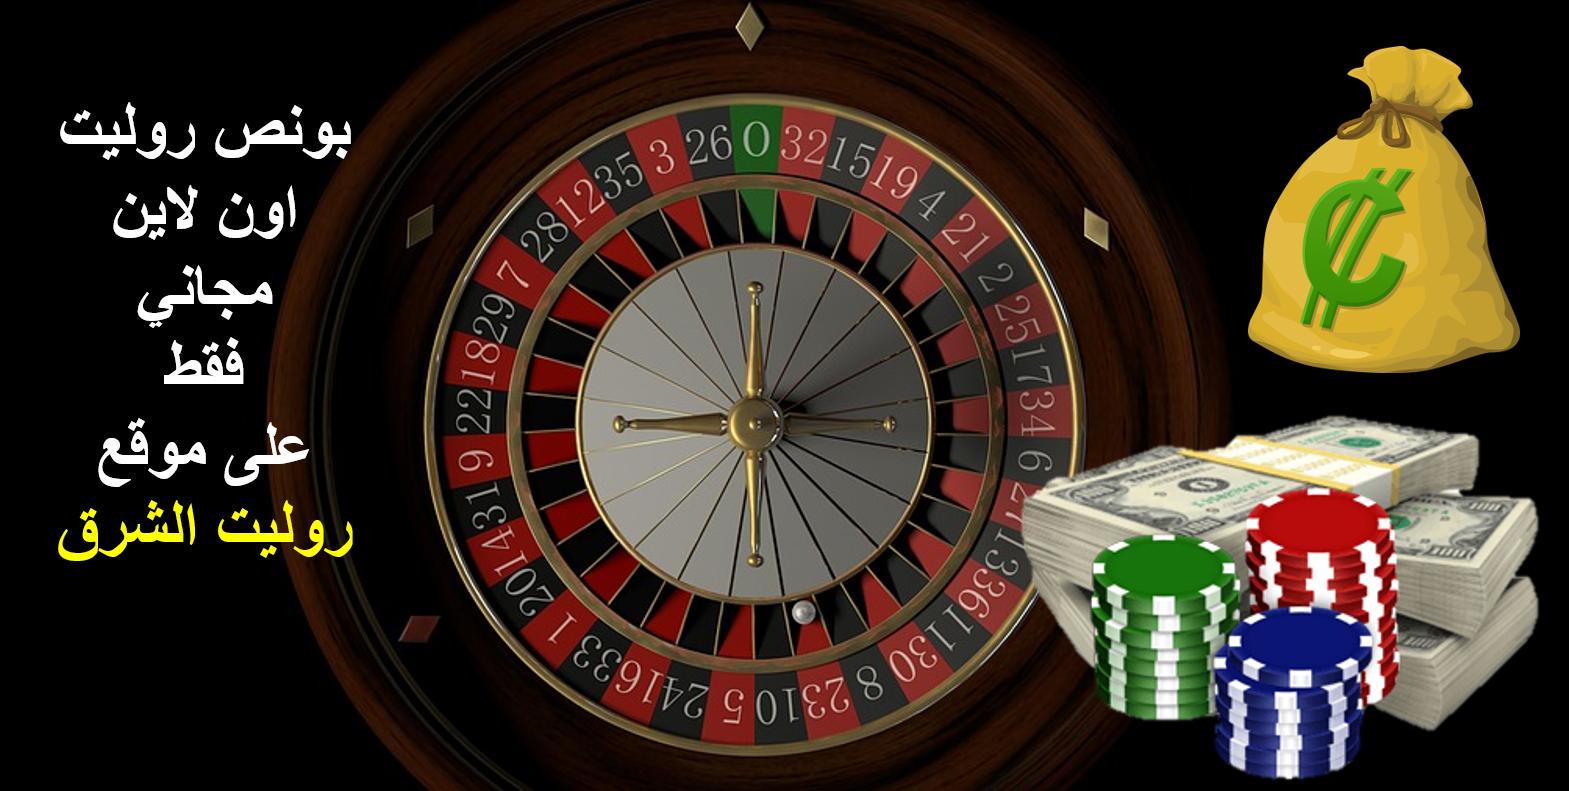 لعبة الدومينو - 79359